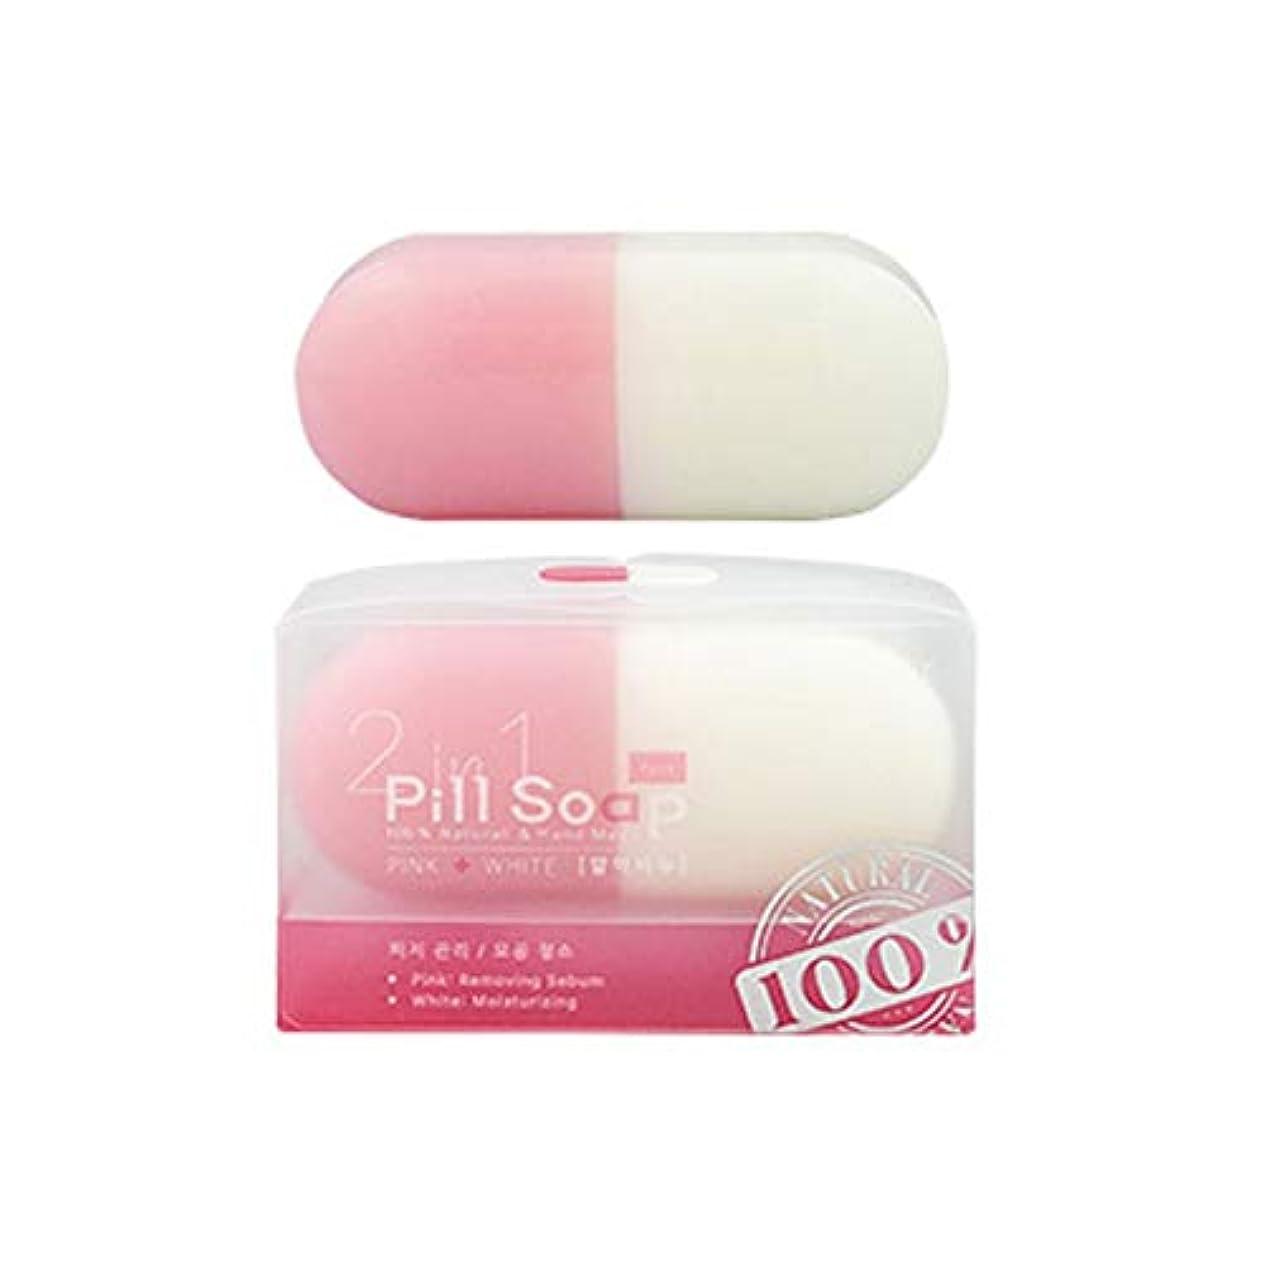 完璧傾くメンタリティMINI RABBIT ミニラビット カプセルソープ 100g 韓国コスメ 皮脂 角質 美白 石けん ピンク